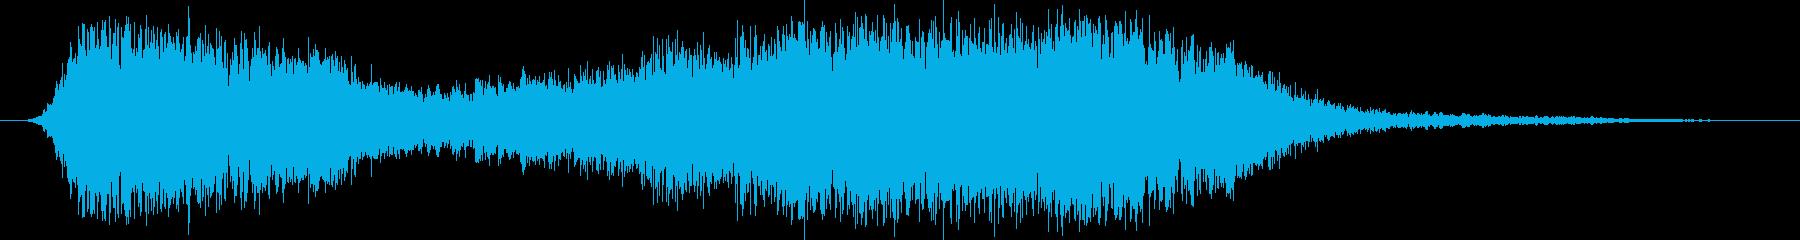 マインドトラップ:絶え間ない叫び声...の再生済みの波形